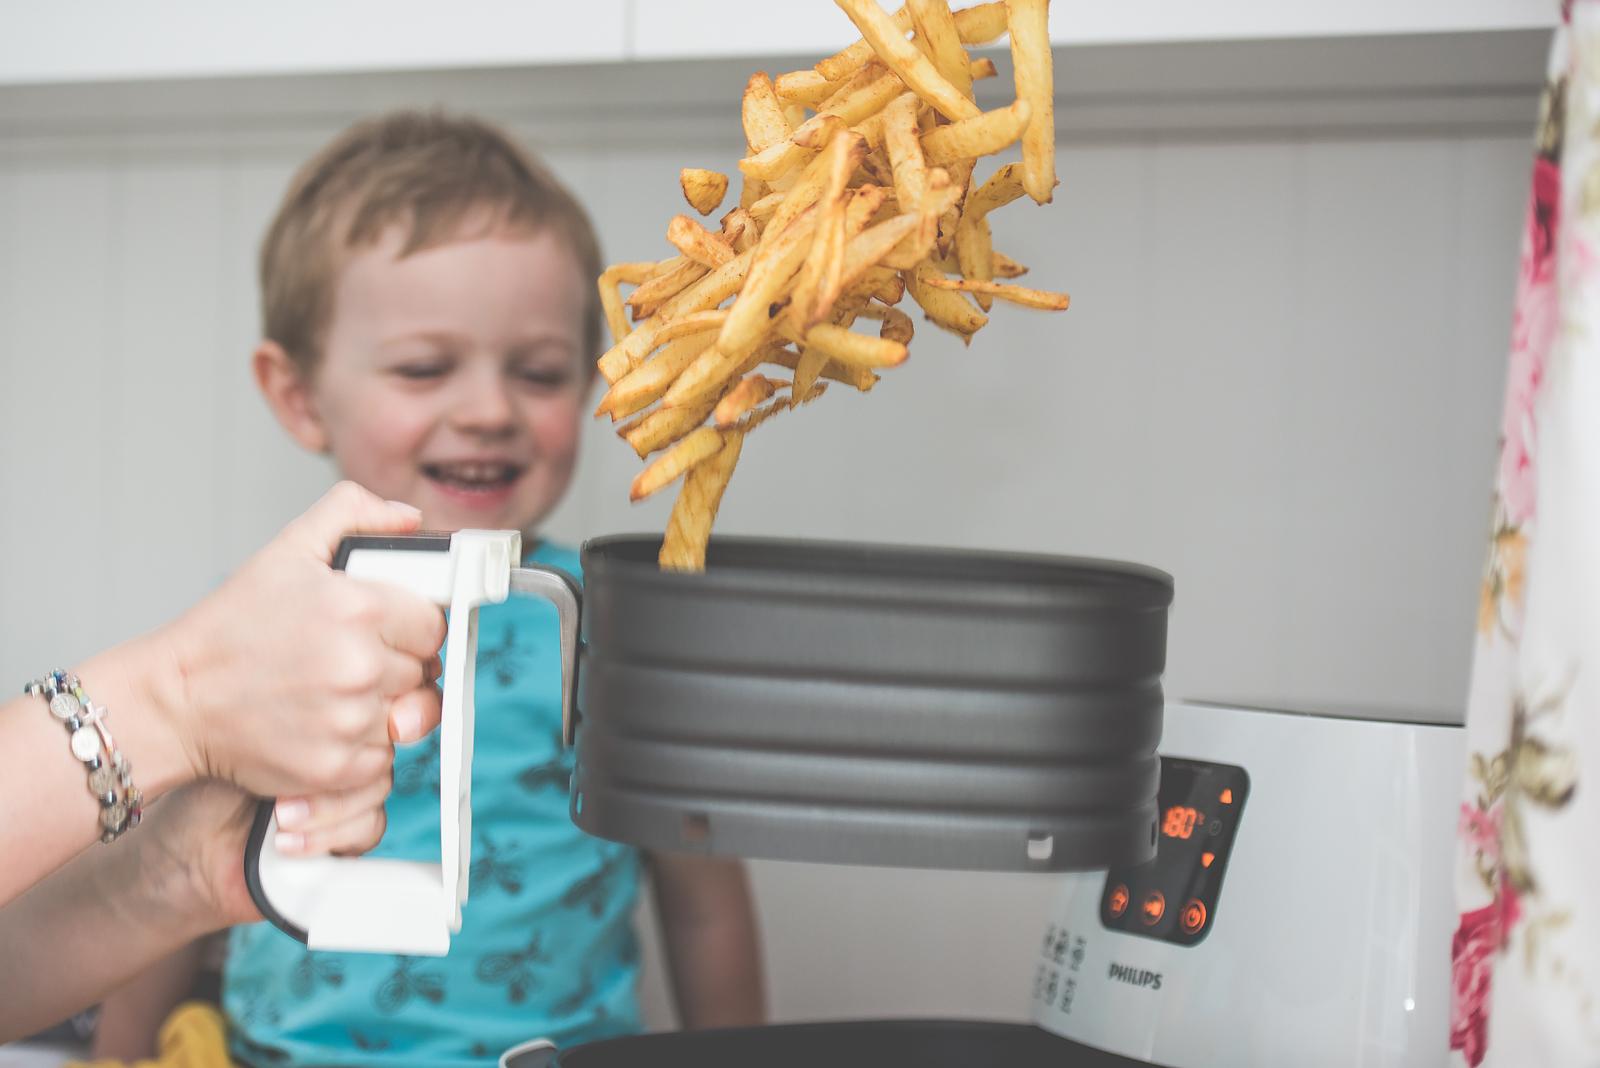 Philips Airfryer Przepisy Test Bakusiowo Domowe Frytki KFC w domu00025